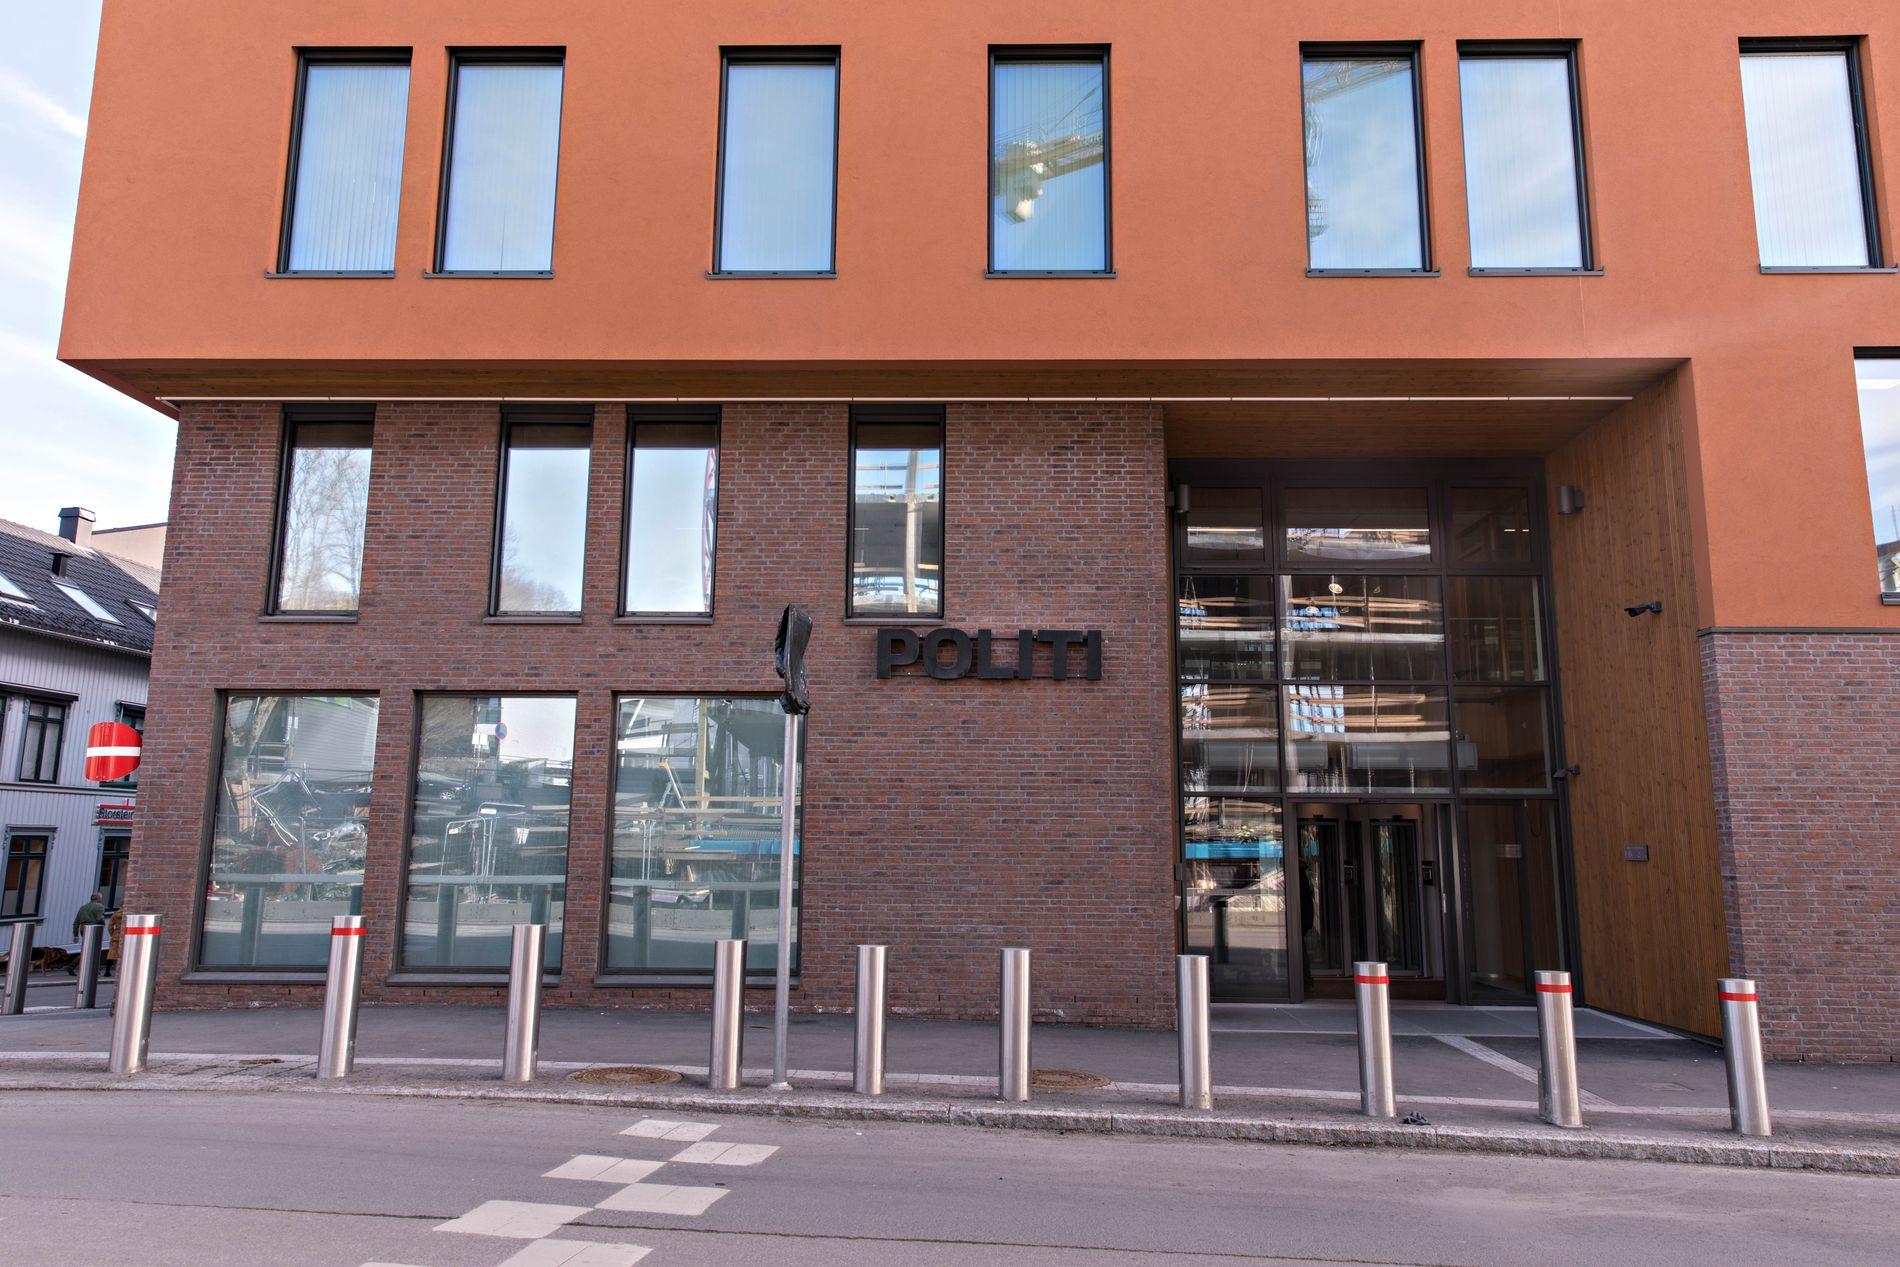 ETTERFORSKES: Hendelsen er under etterforskning av politiet. Her fra Tønsberg politistasjon.